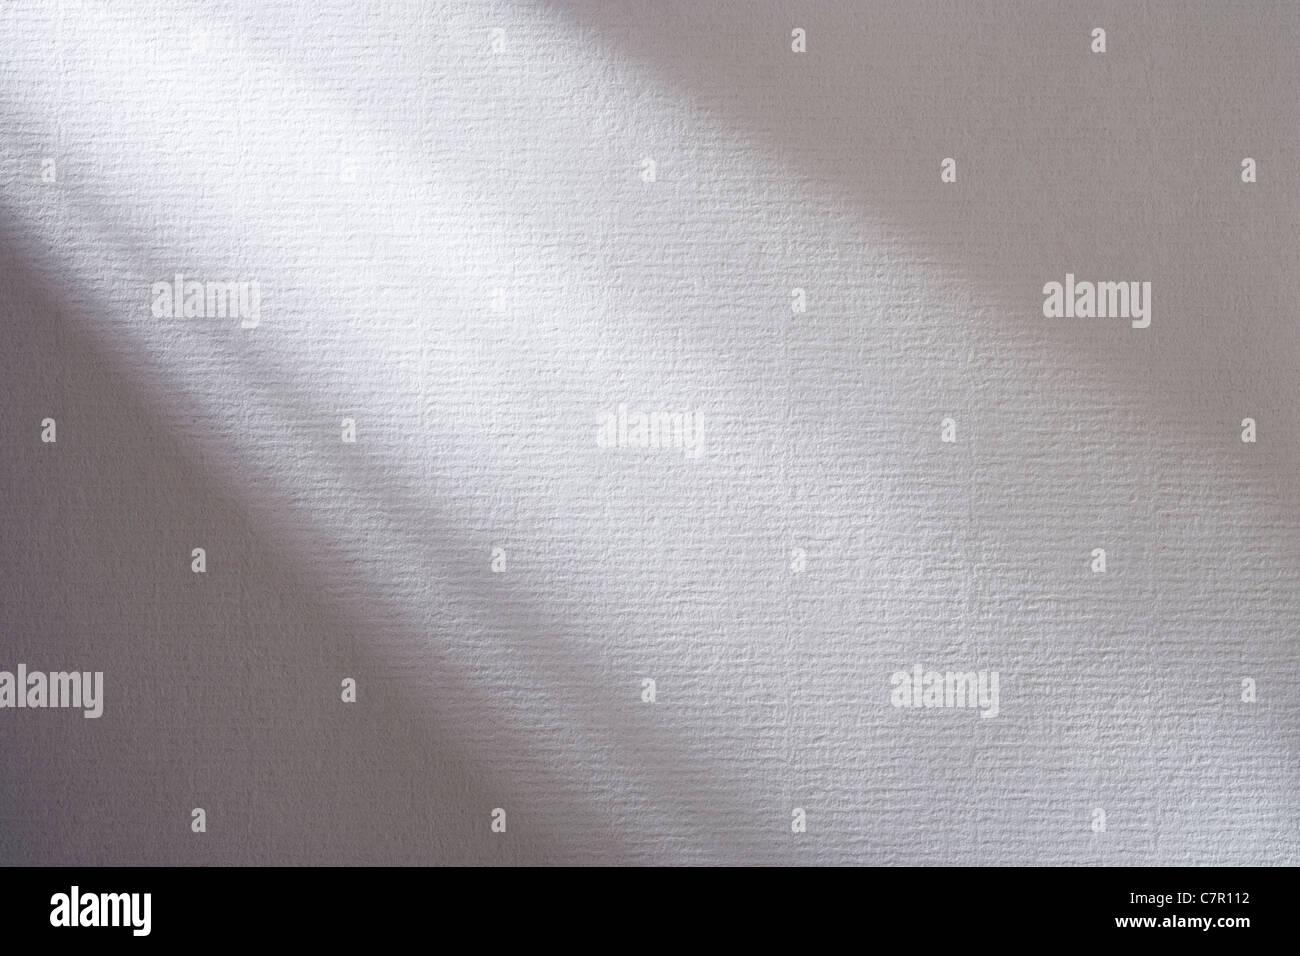 Ombres sur papier blanc texturé. Photo Stock